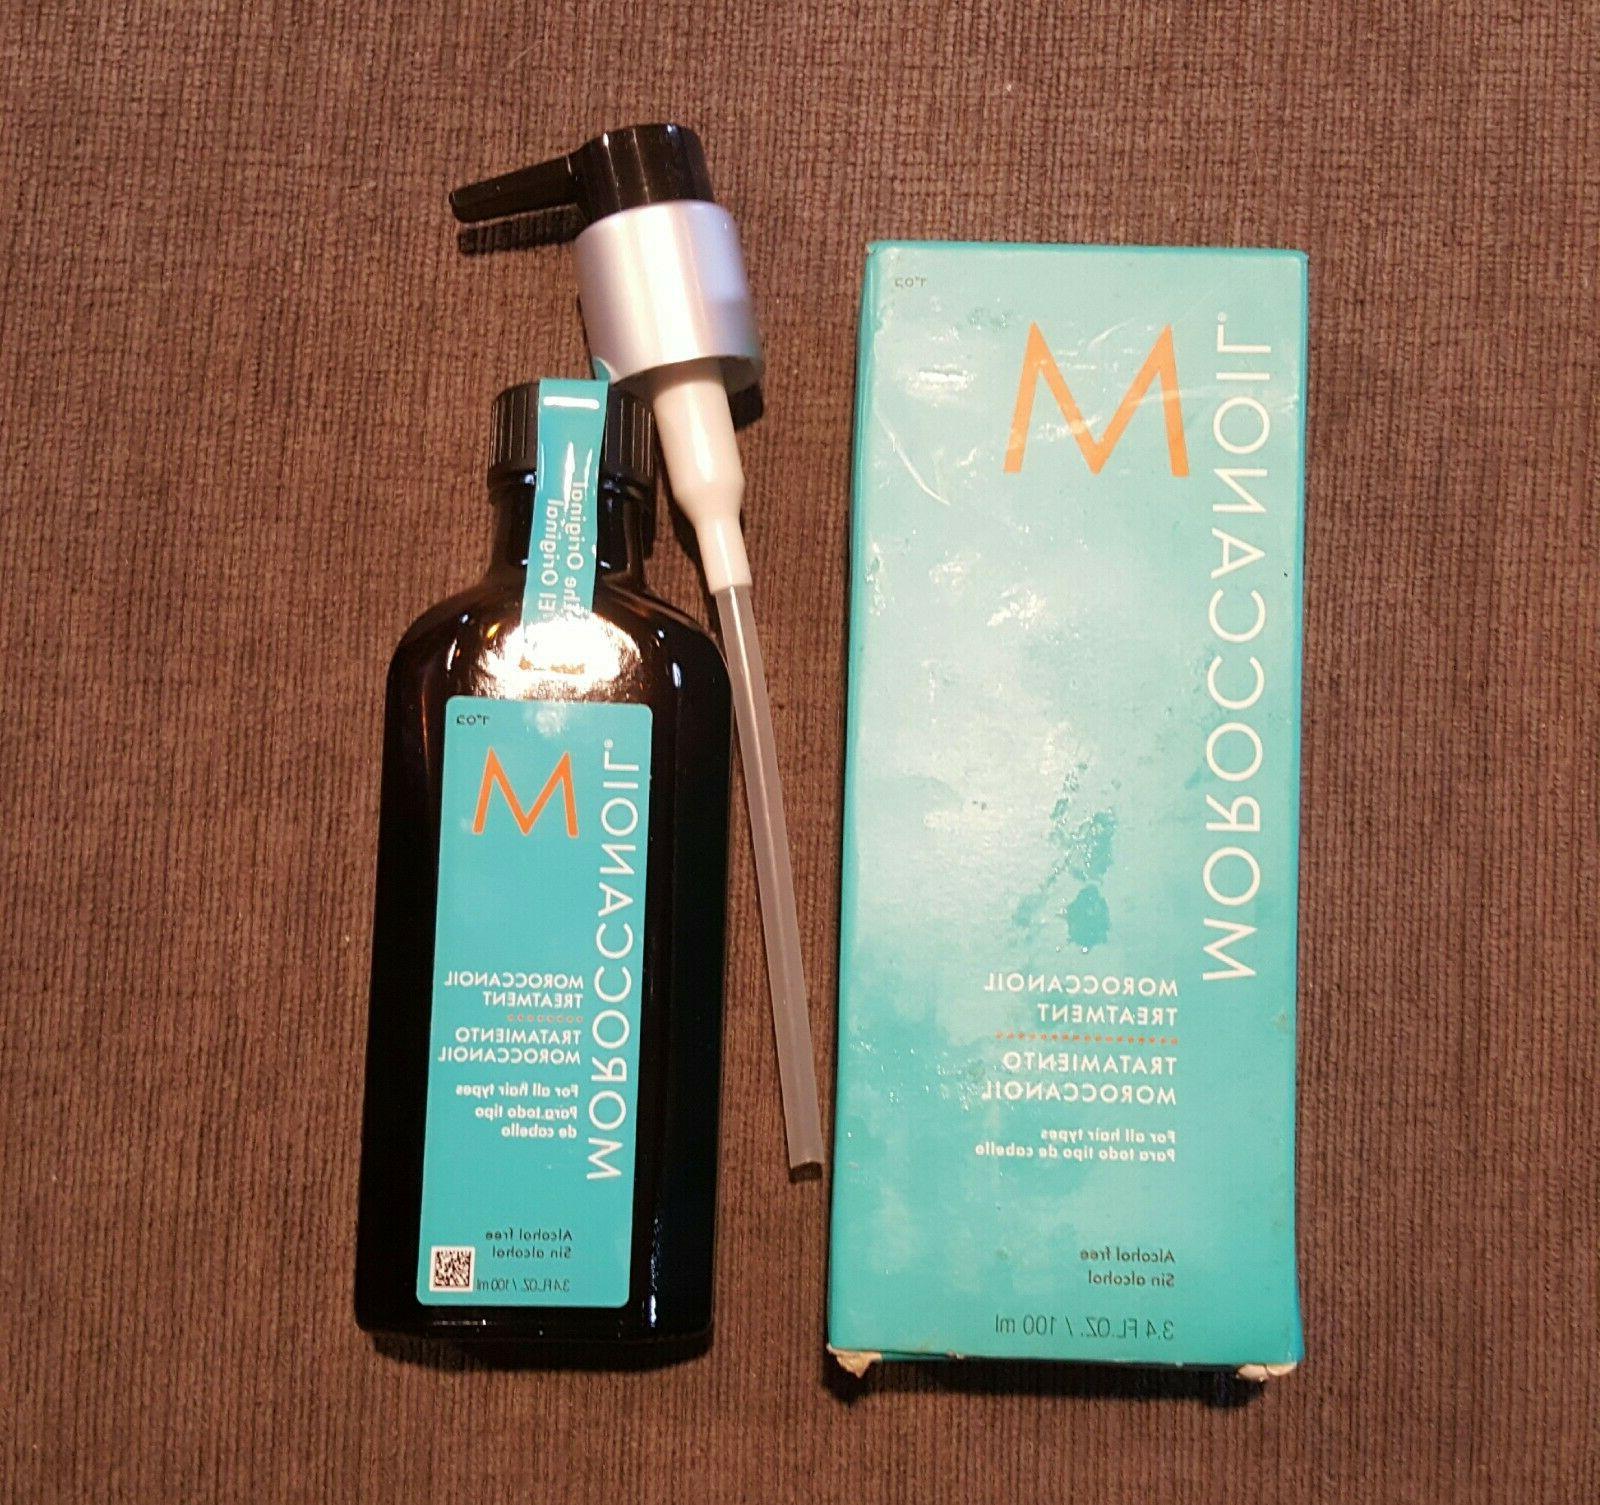 hair treatment 3 4 oz 100 ml